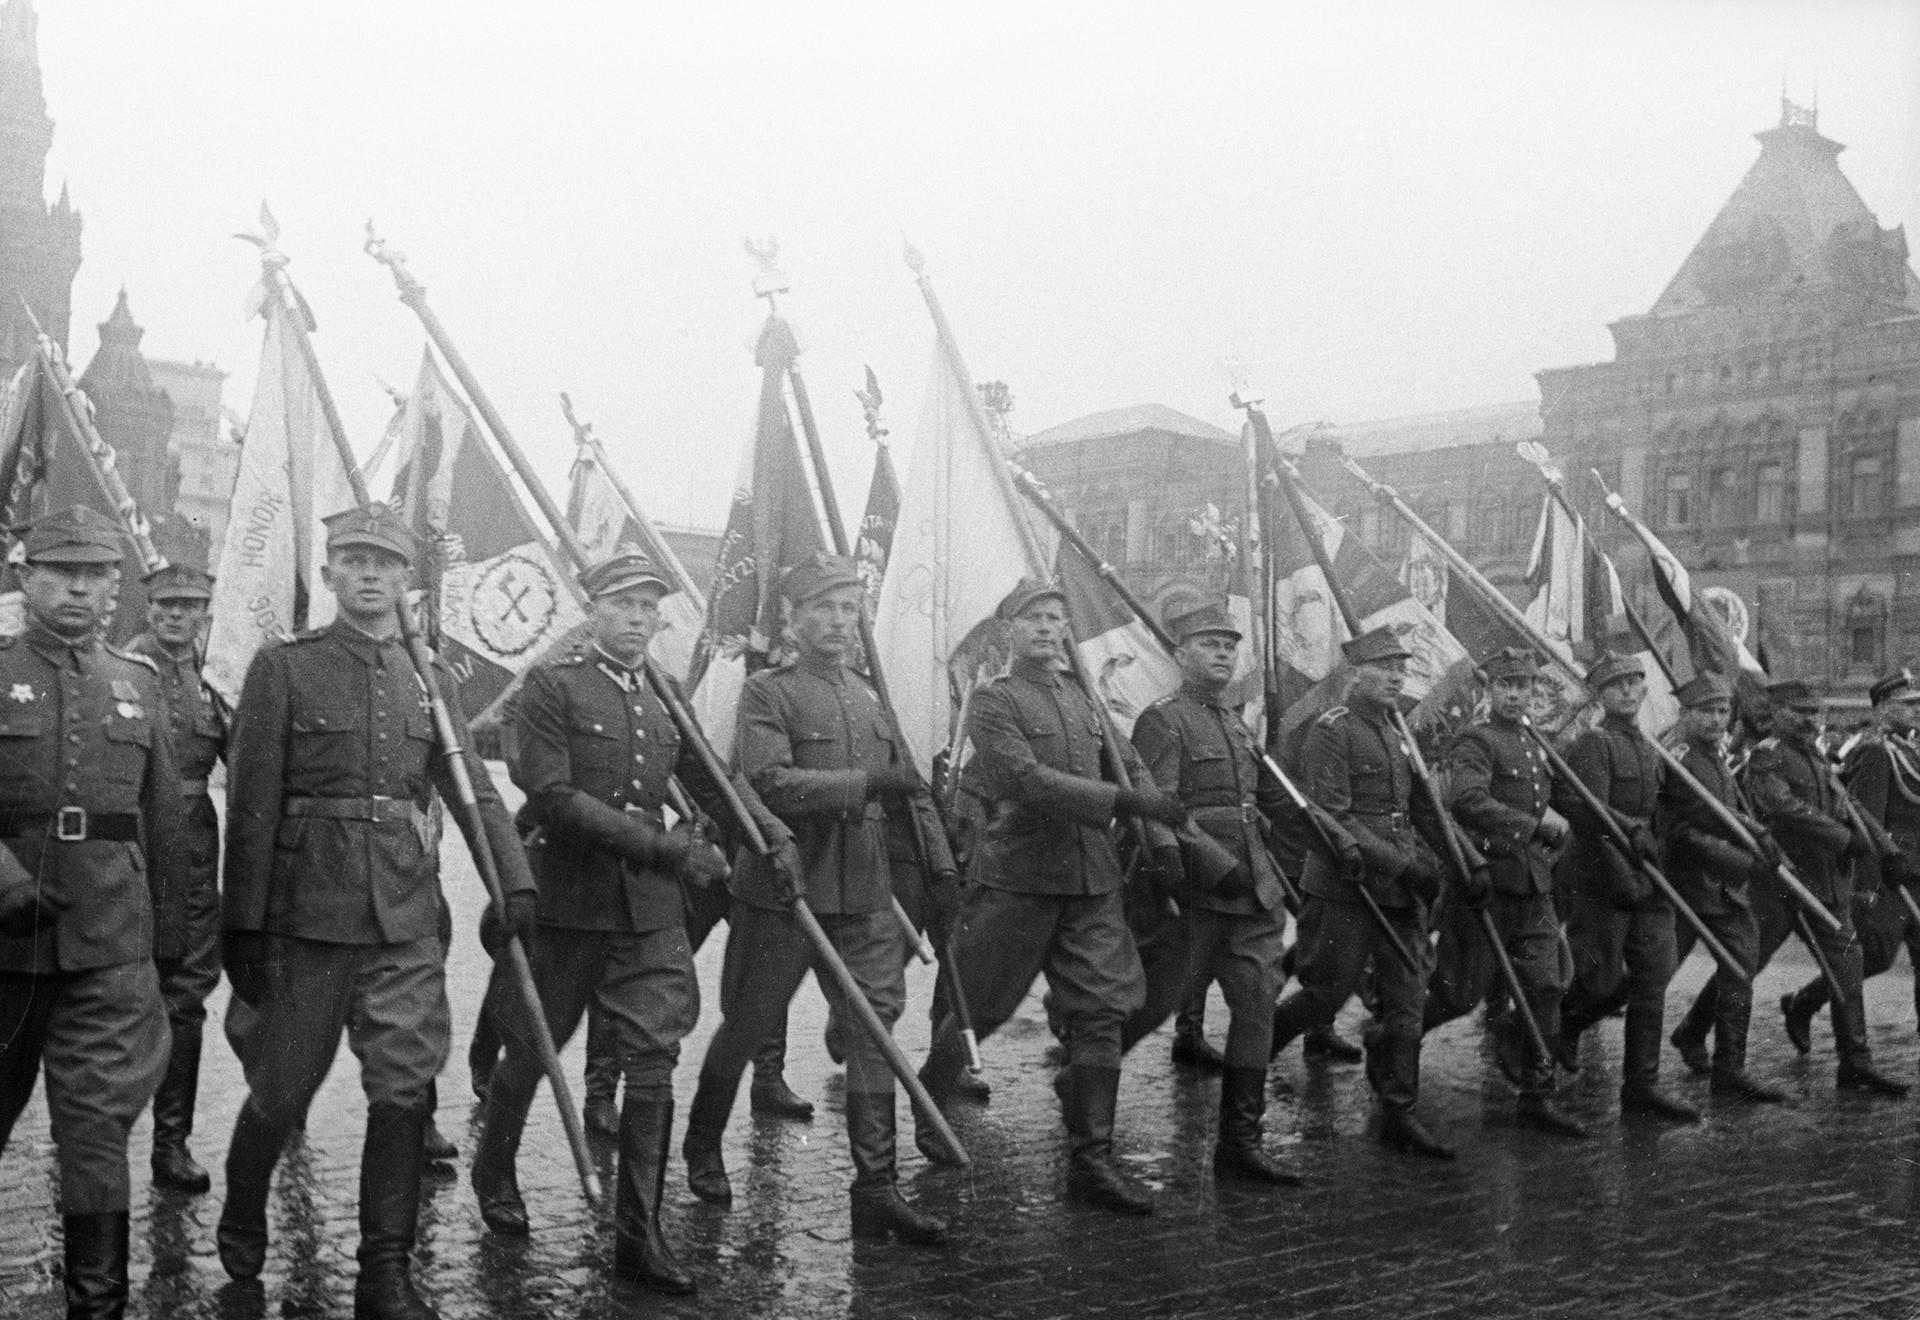 Unidades militares estrangeiras participaram das paradas do Dia da Vitória três vezes.